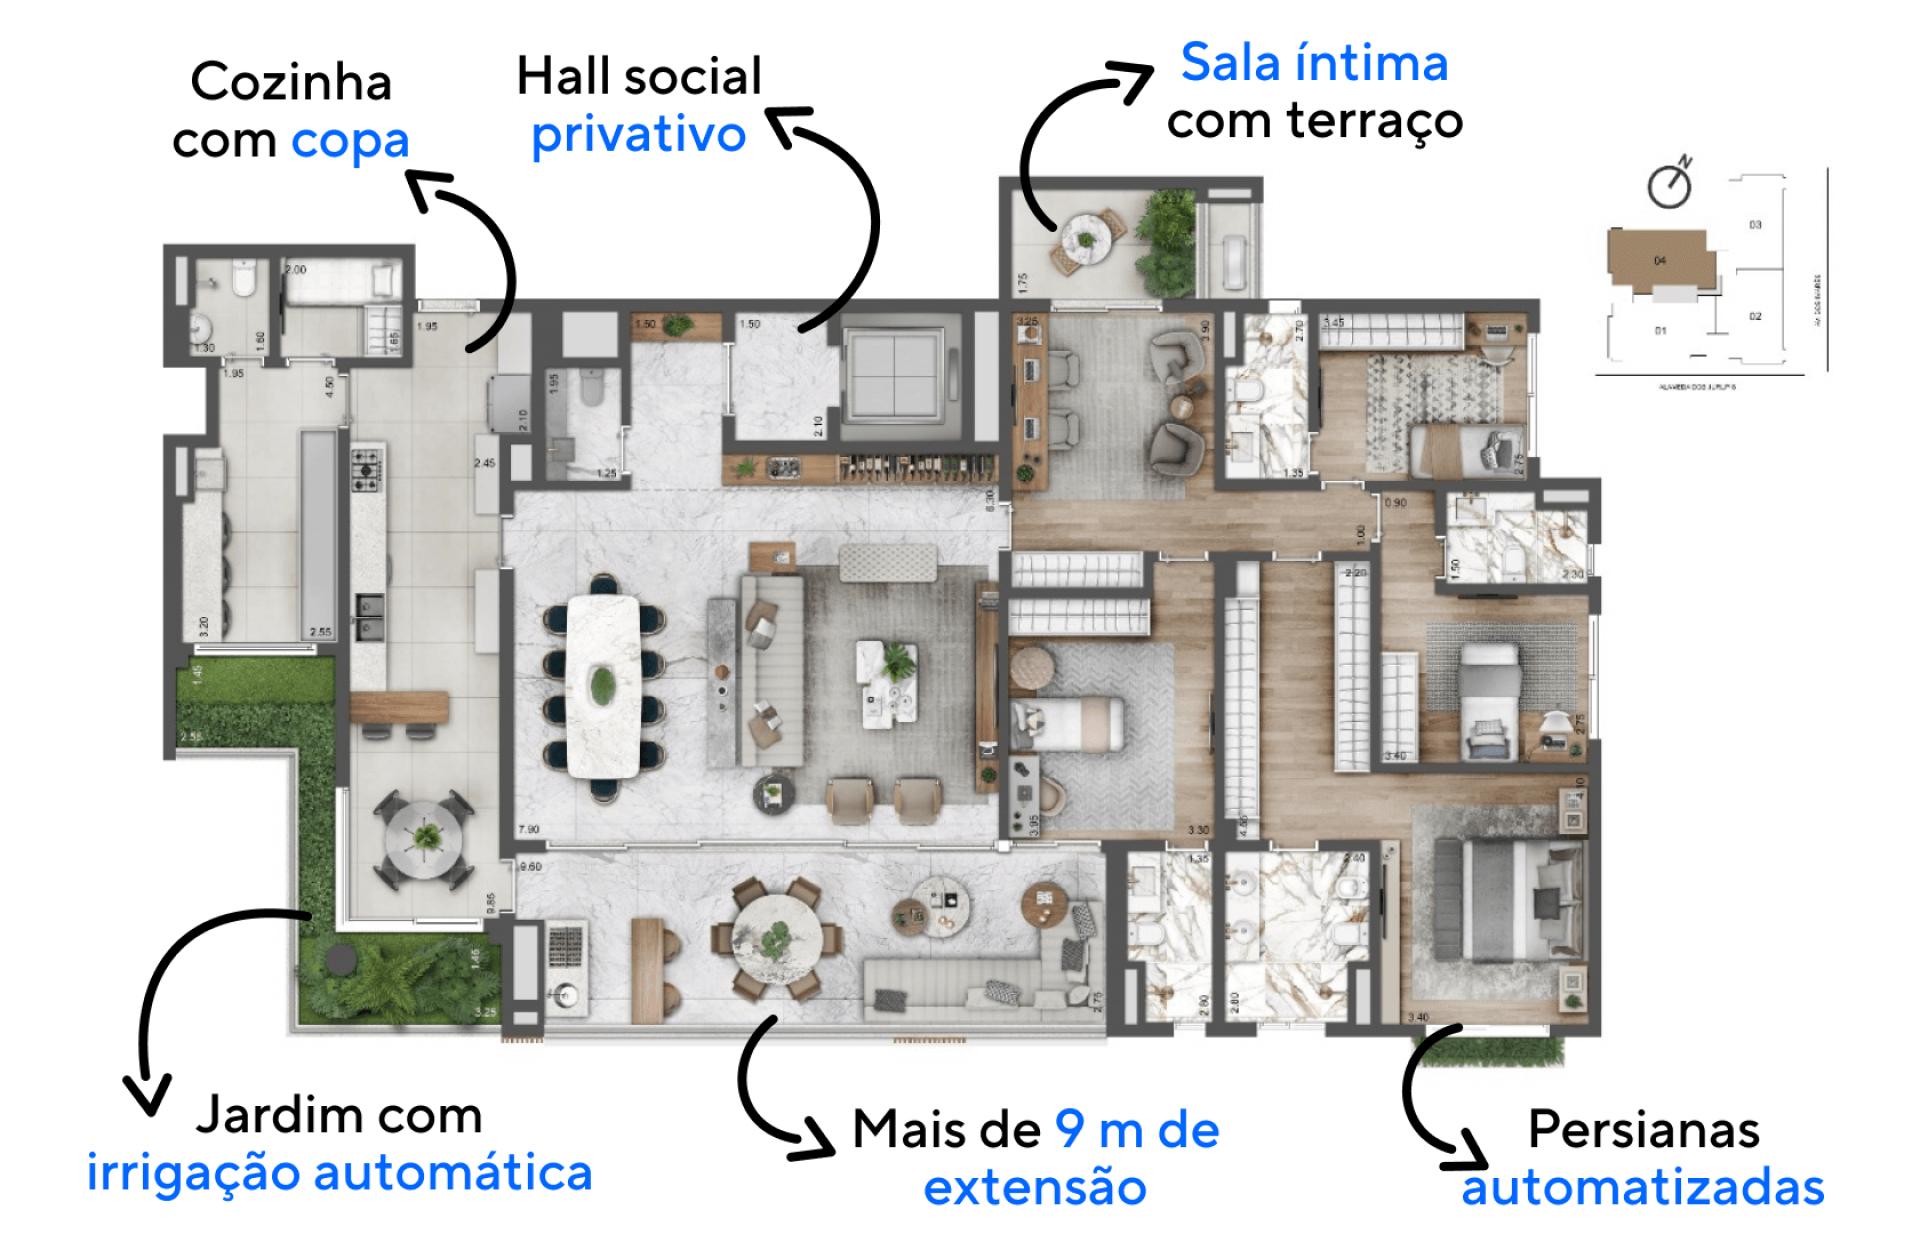 273 M² - 4 SUÍTES. Apartamentos com boa setorização entre os ambientes sociais e íntimos, proporcionando maior privacidade aos momentos de descanso dos moradores. Destaque para a confortável suíte master com closet e espaço para cama king size.